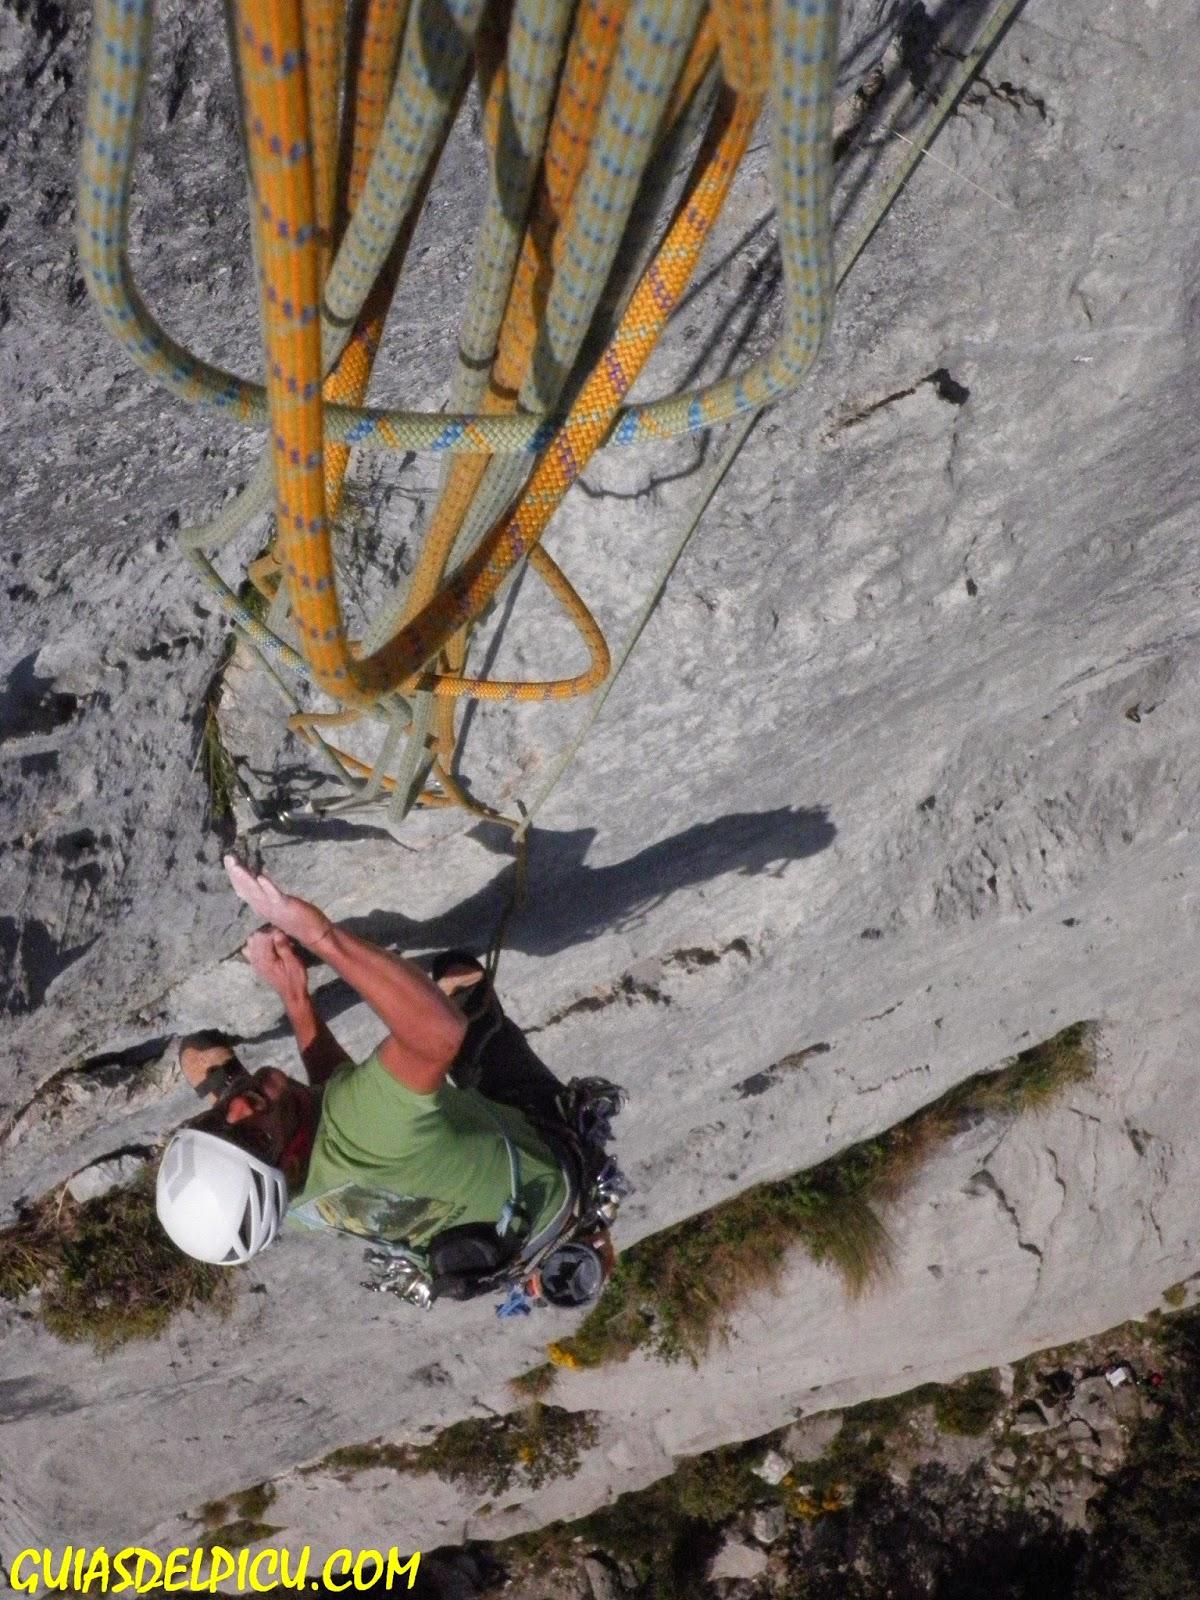 Guias de monataña para escalar en los Picos de europa, guiasdelpicu.con , Fernando Calvo Gonzalez